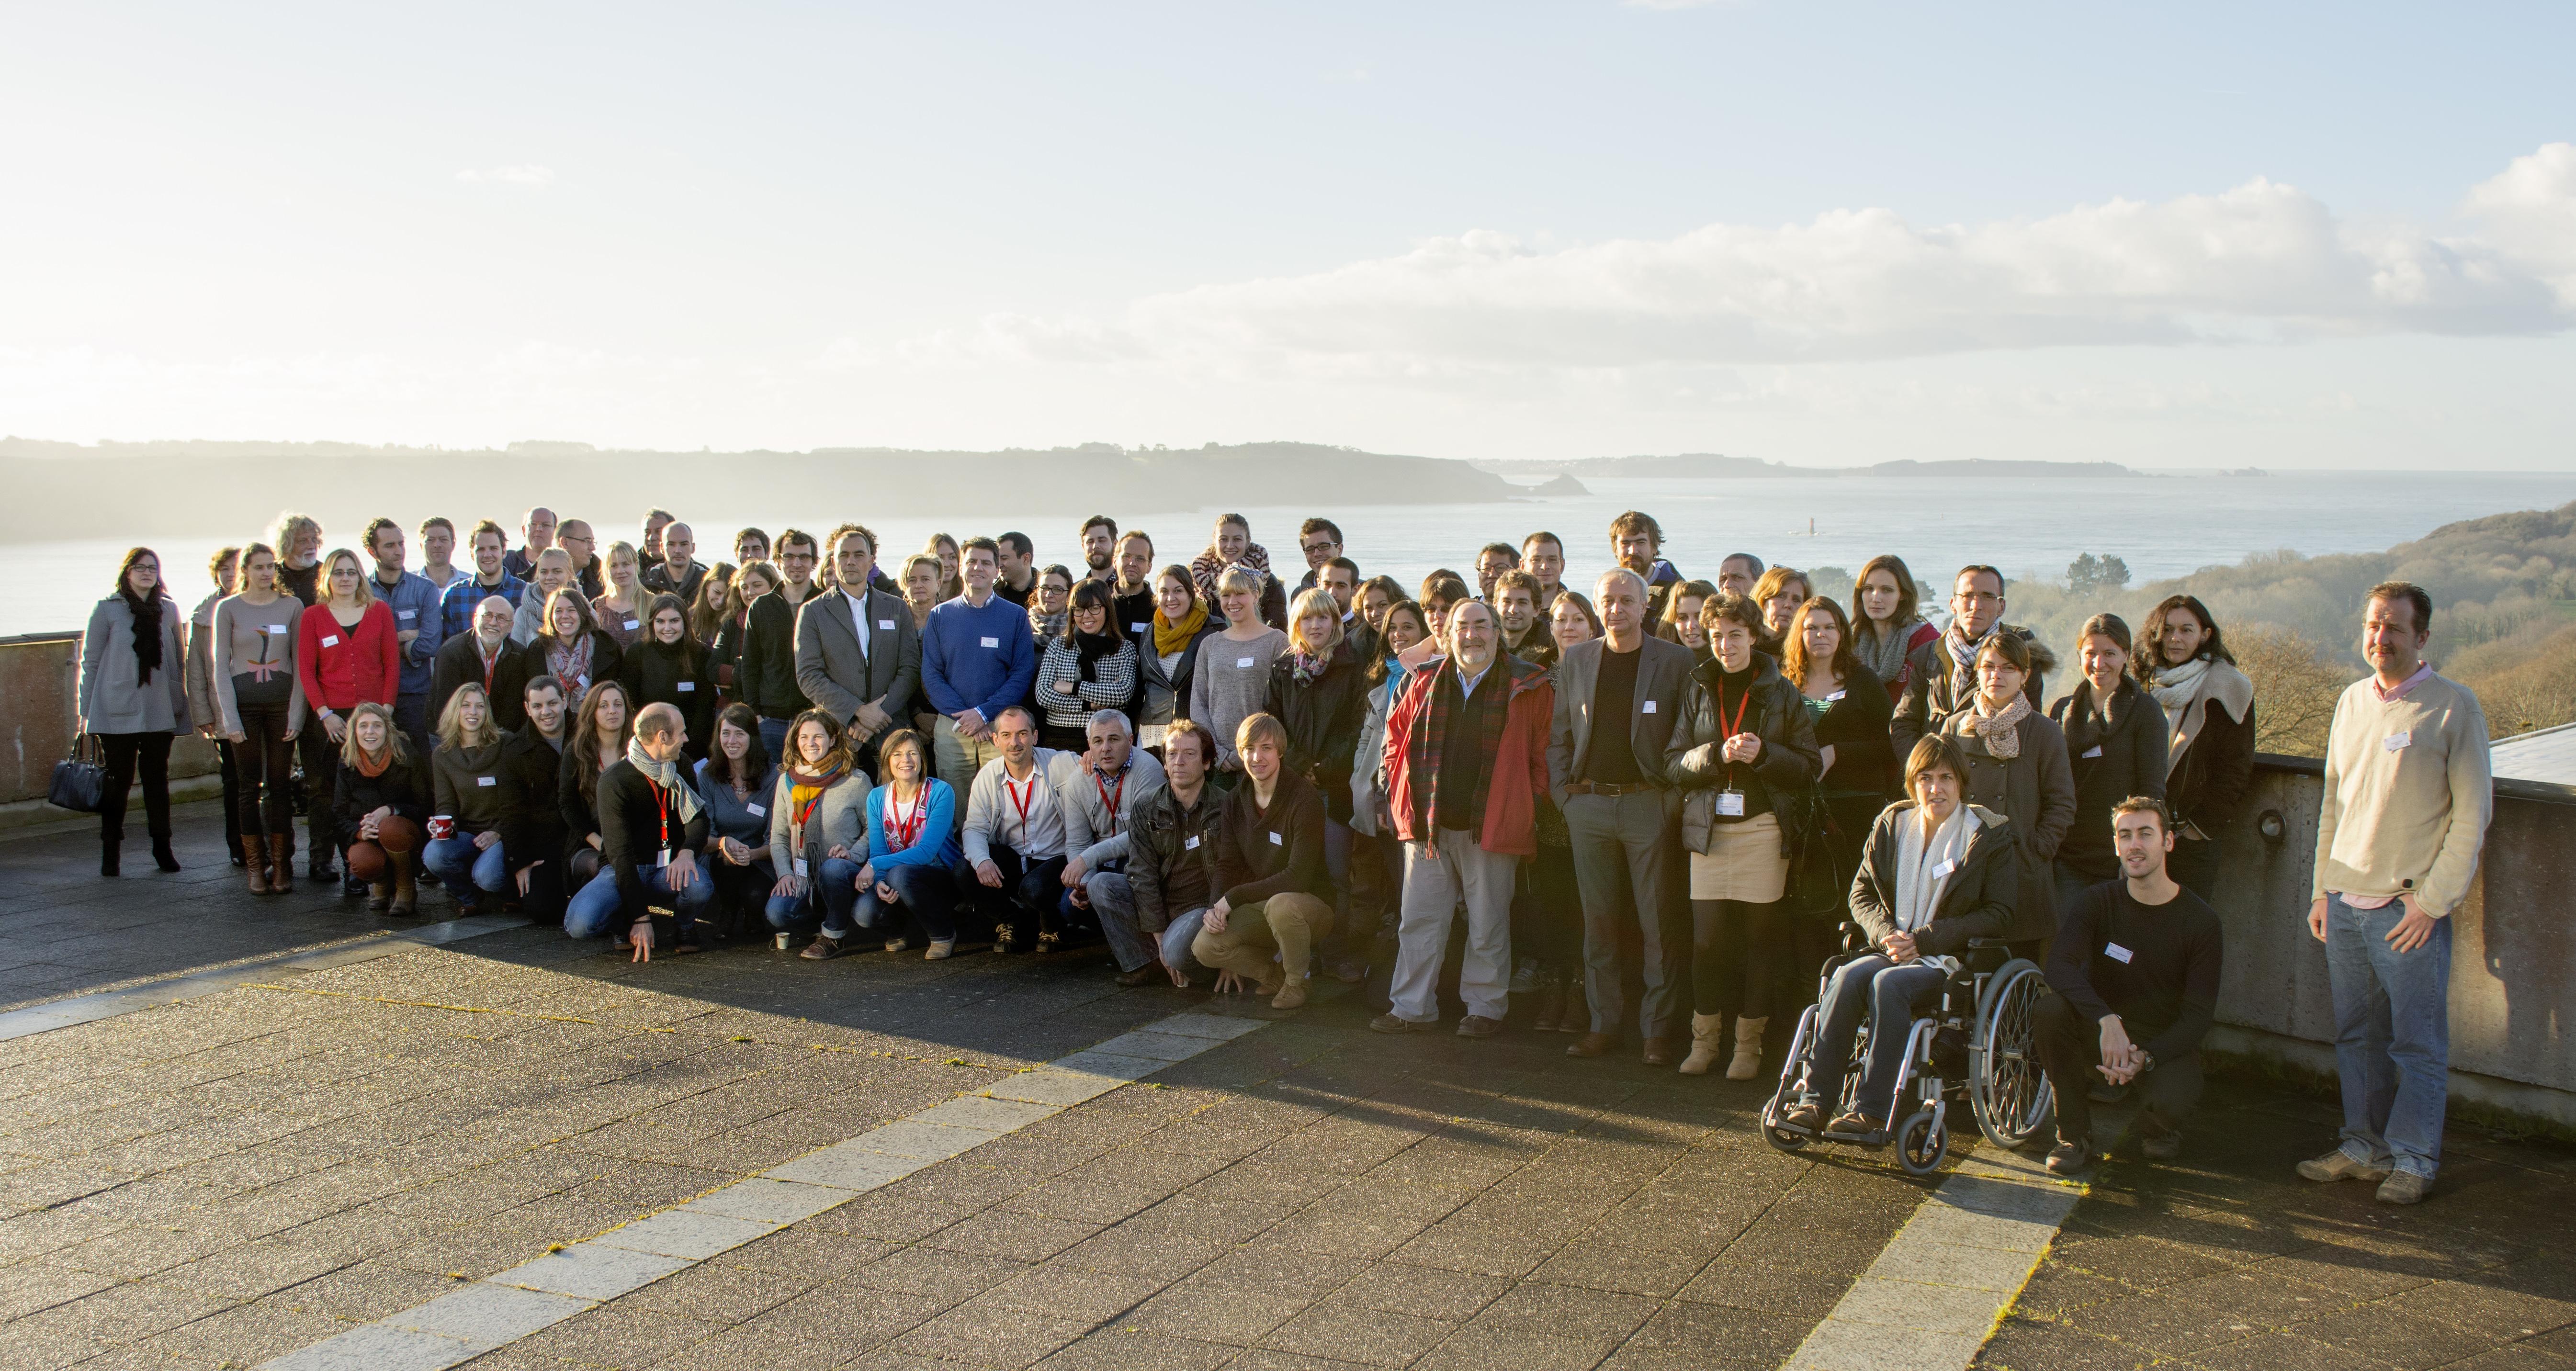 Foto oficial dos participantes do workshop, em Plouzané, França. © MICRO